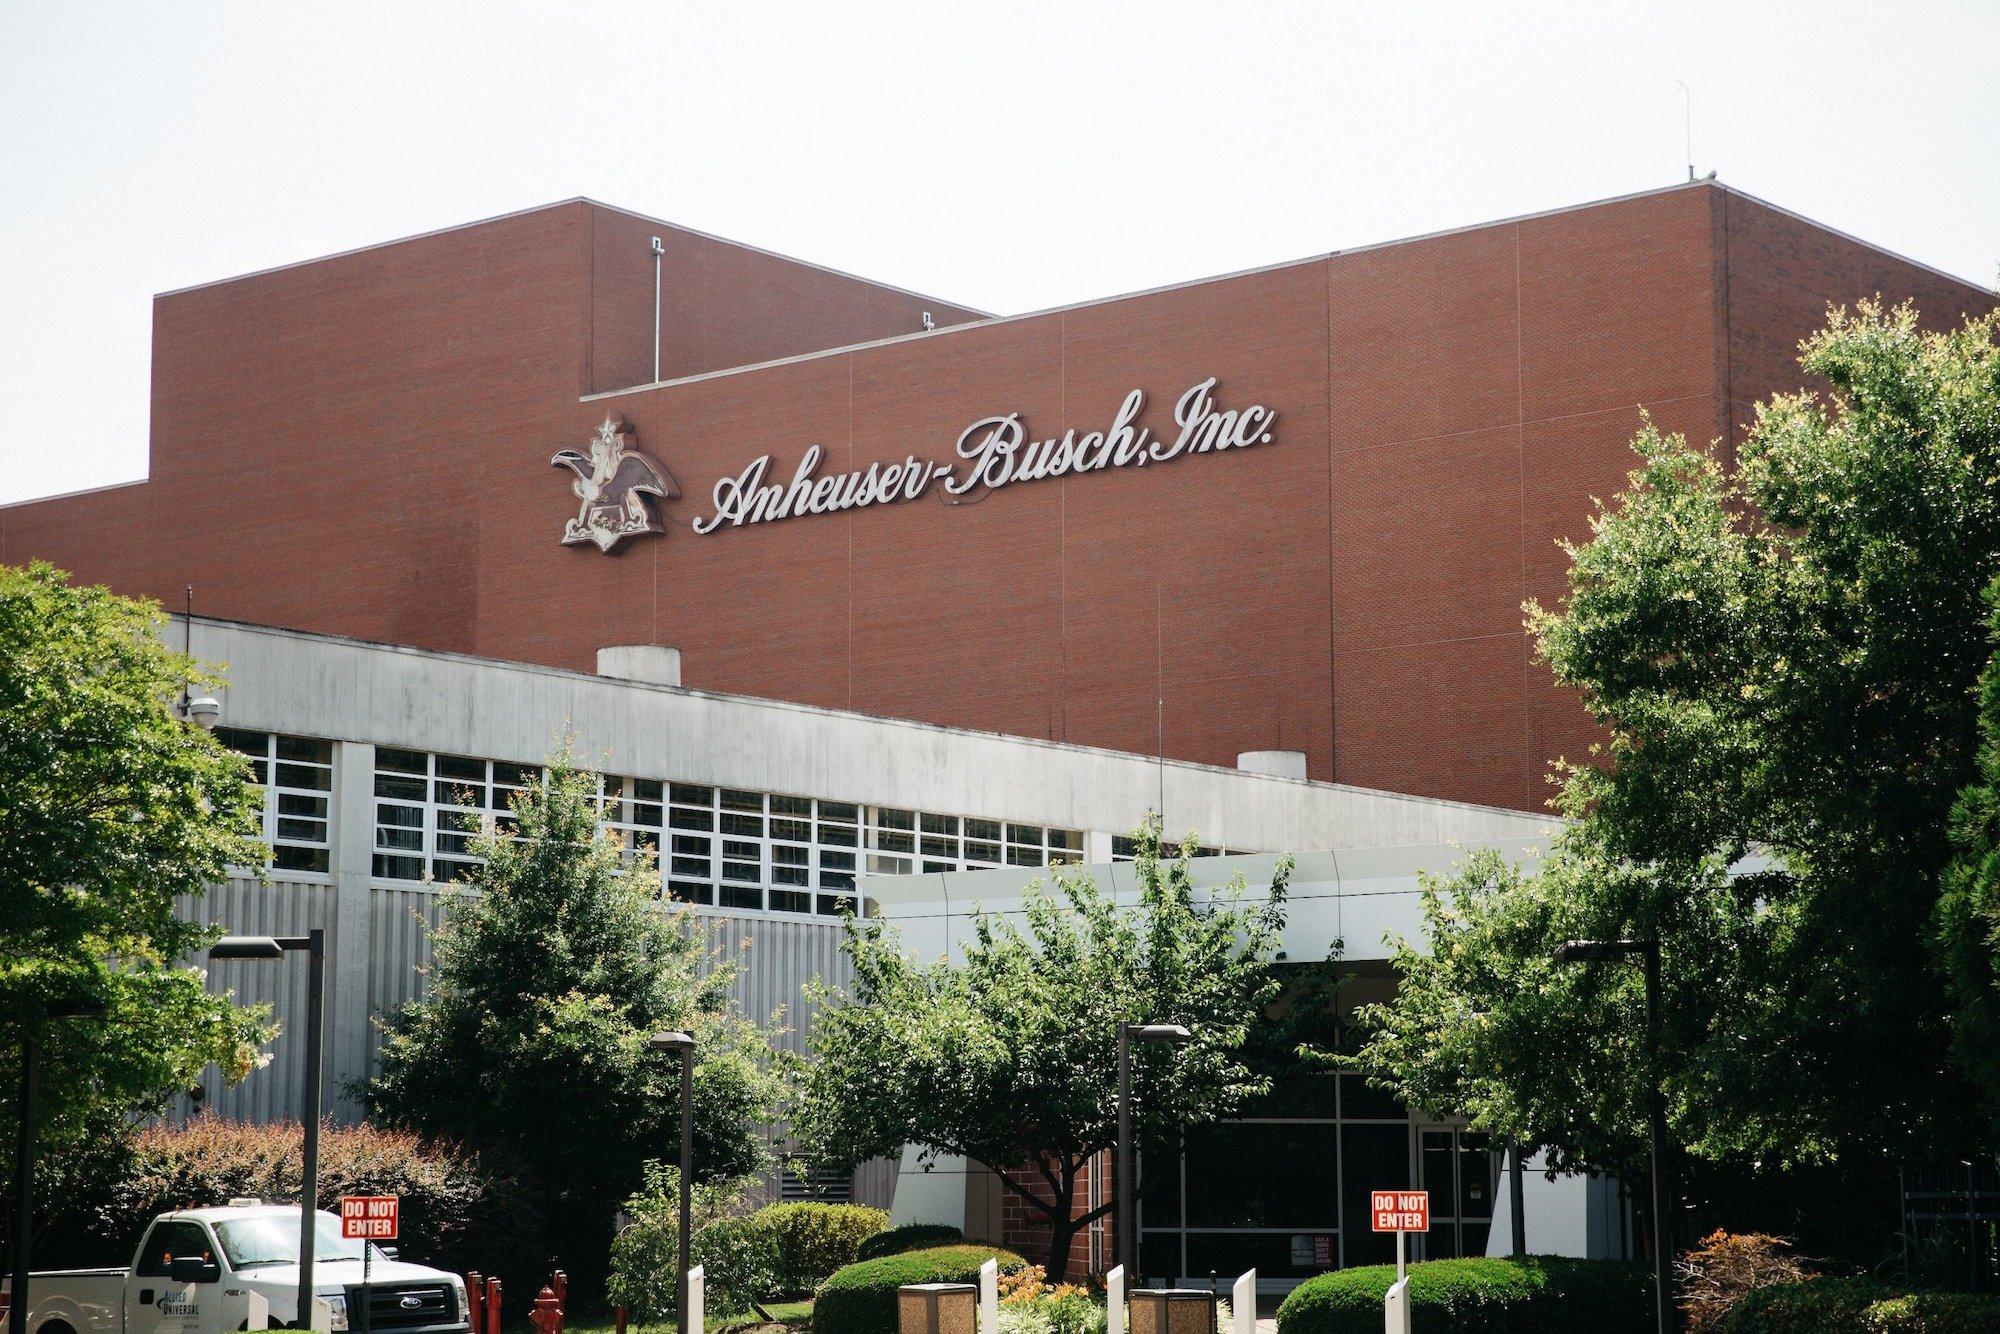 Anheuser-Busch Williamsburg Brewery